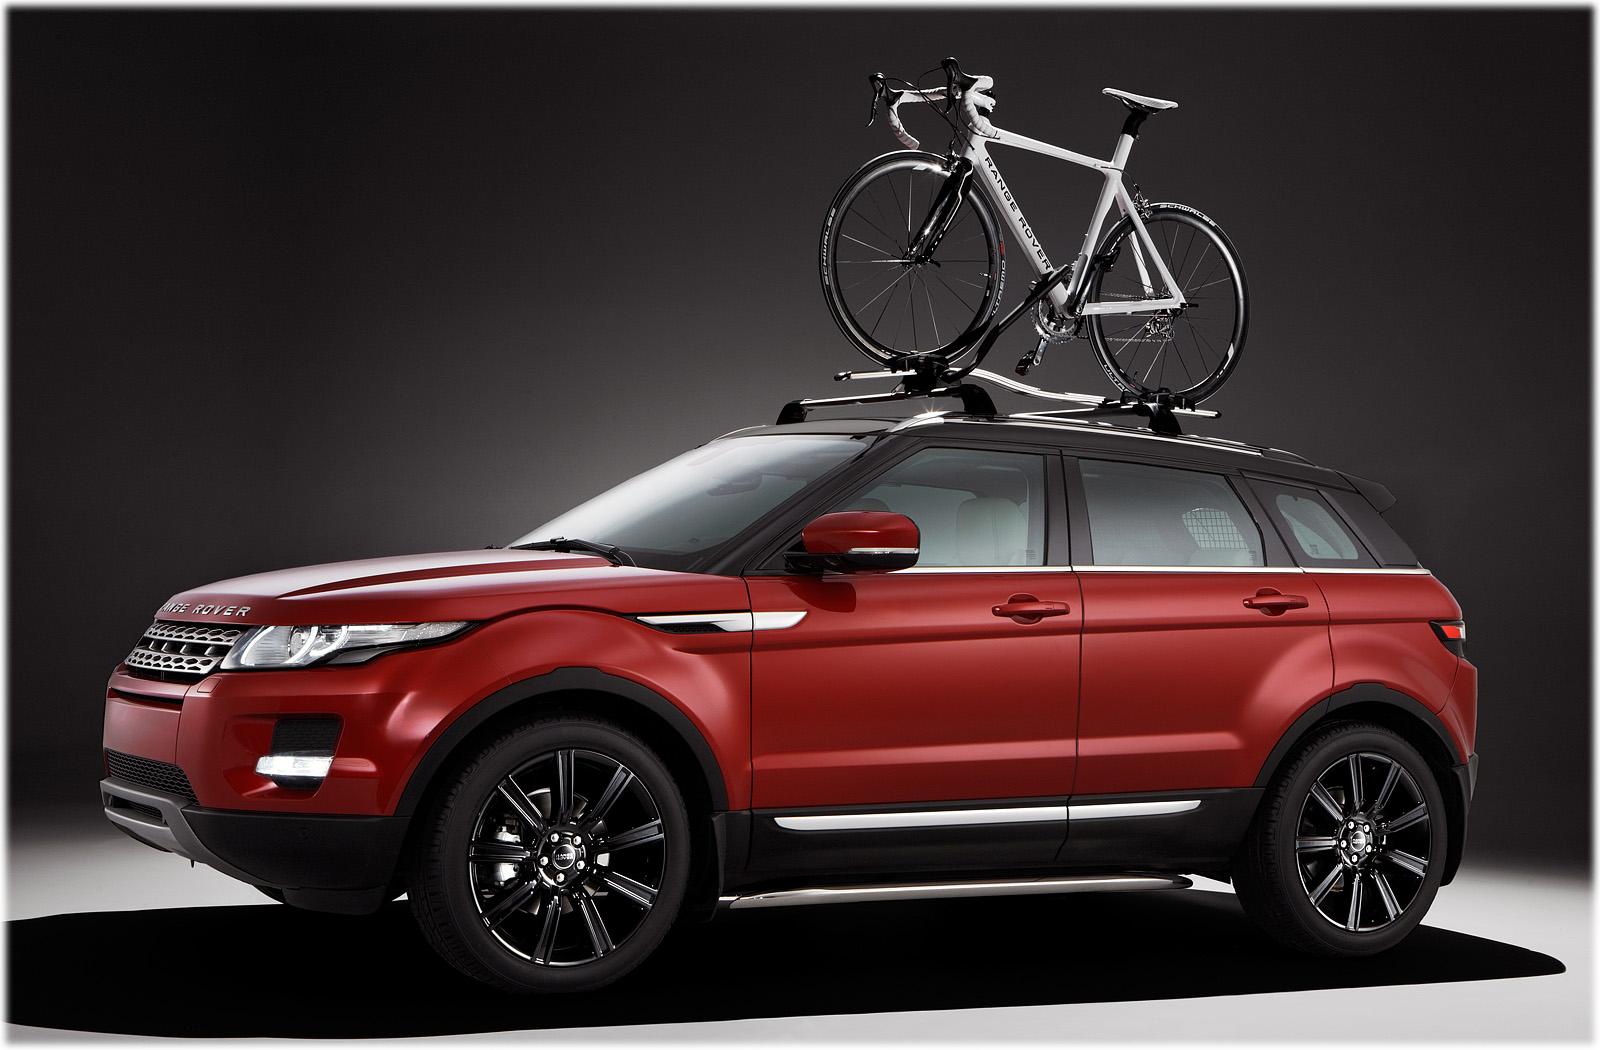 range rover evoque concept road bike 2011 bike trend. Black Bedroom Furniture Sets. Home Design Ideas